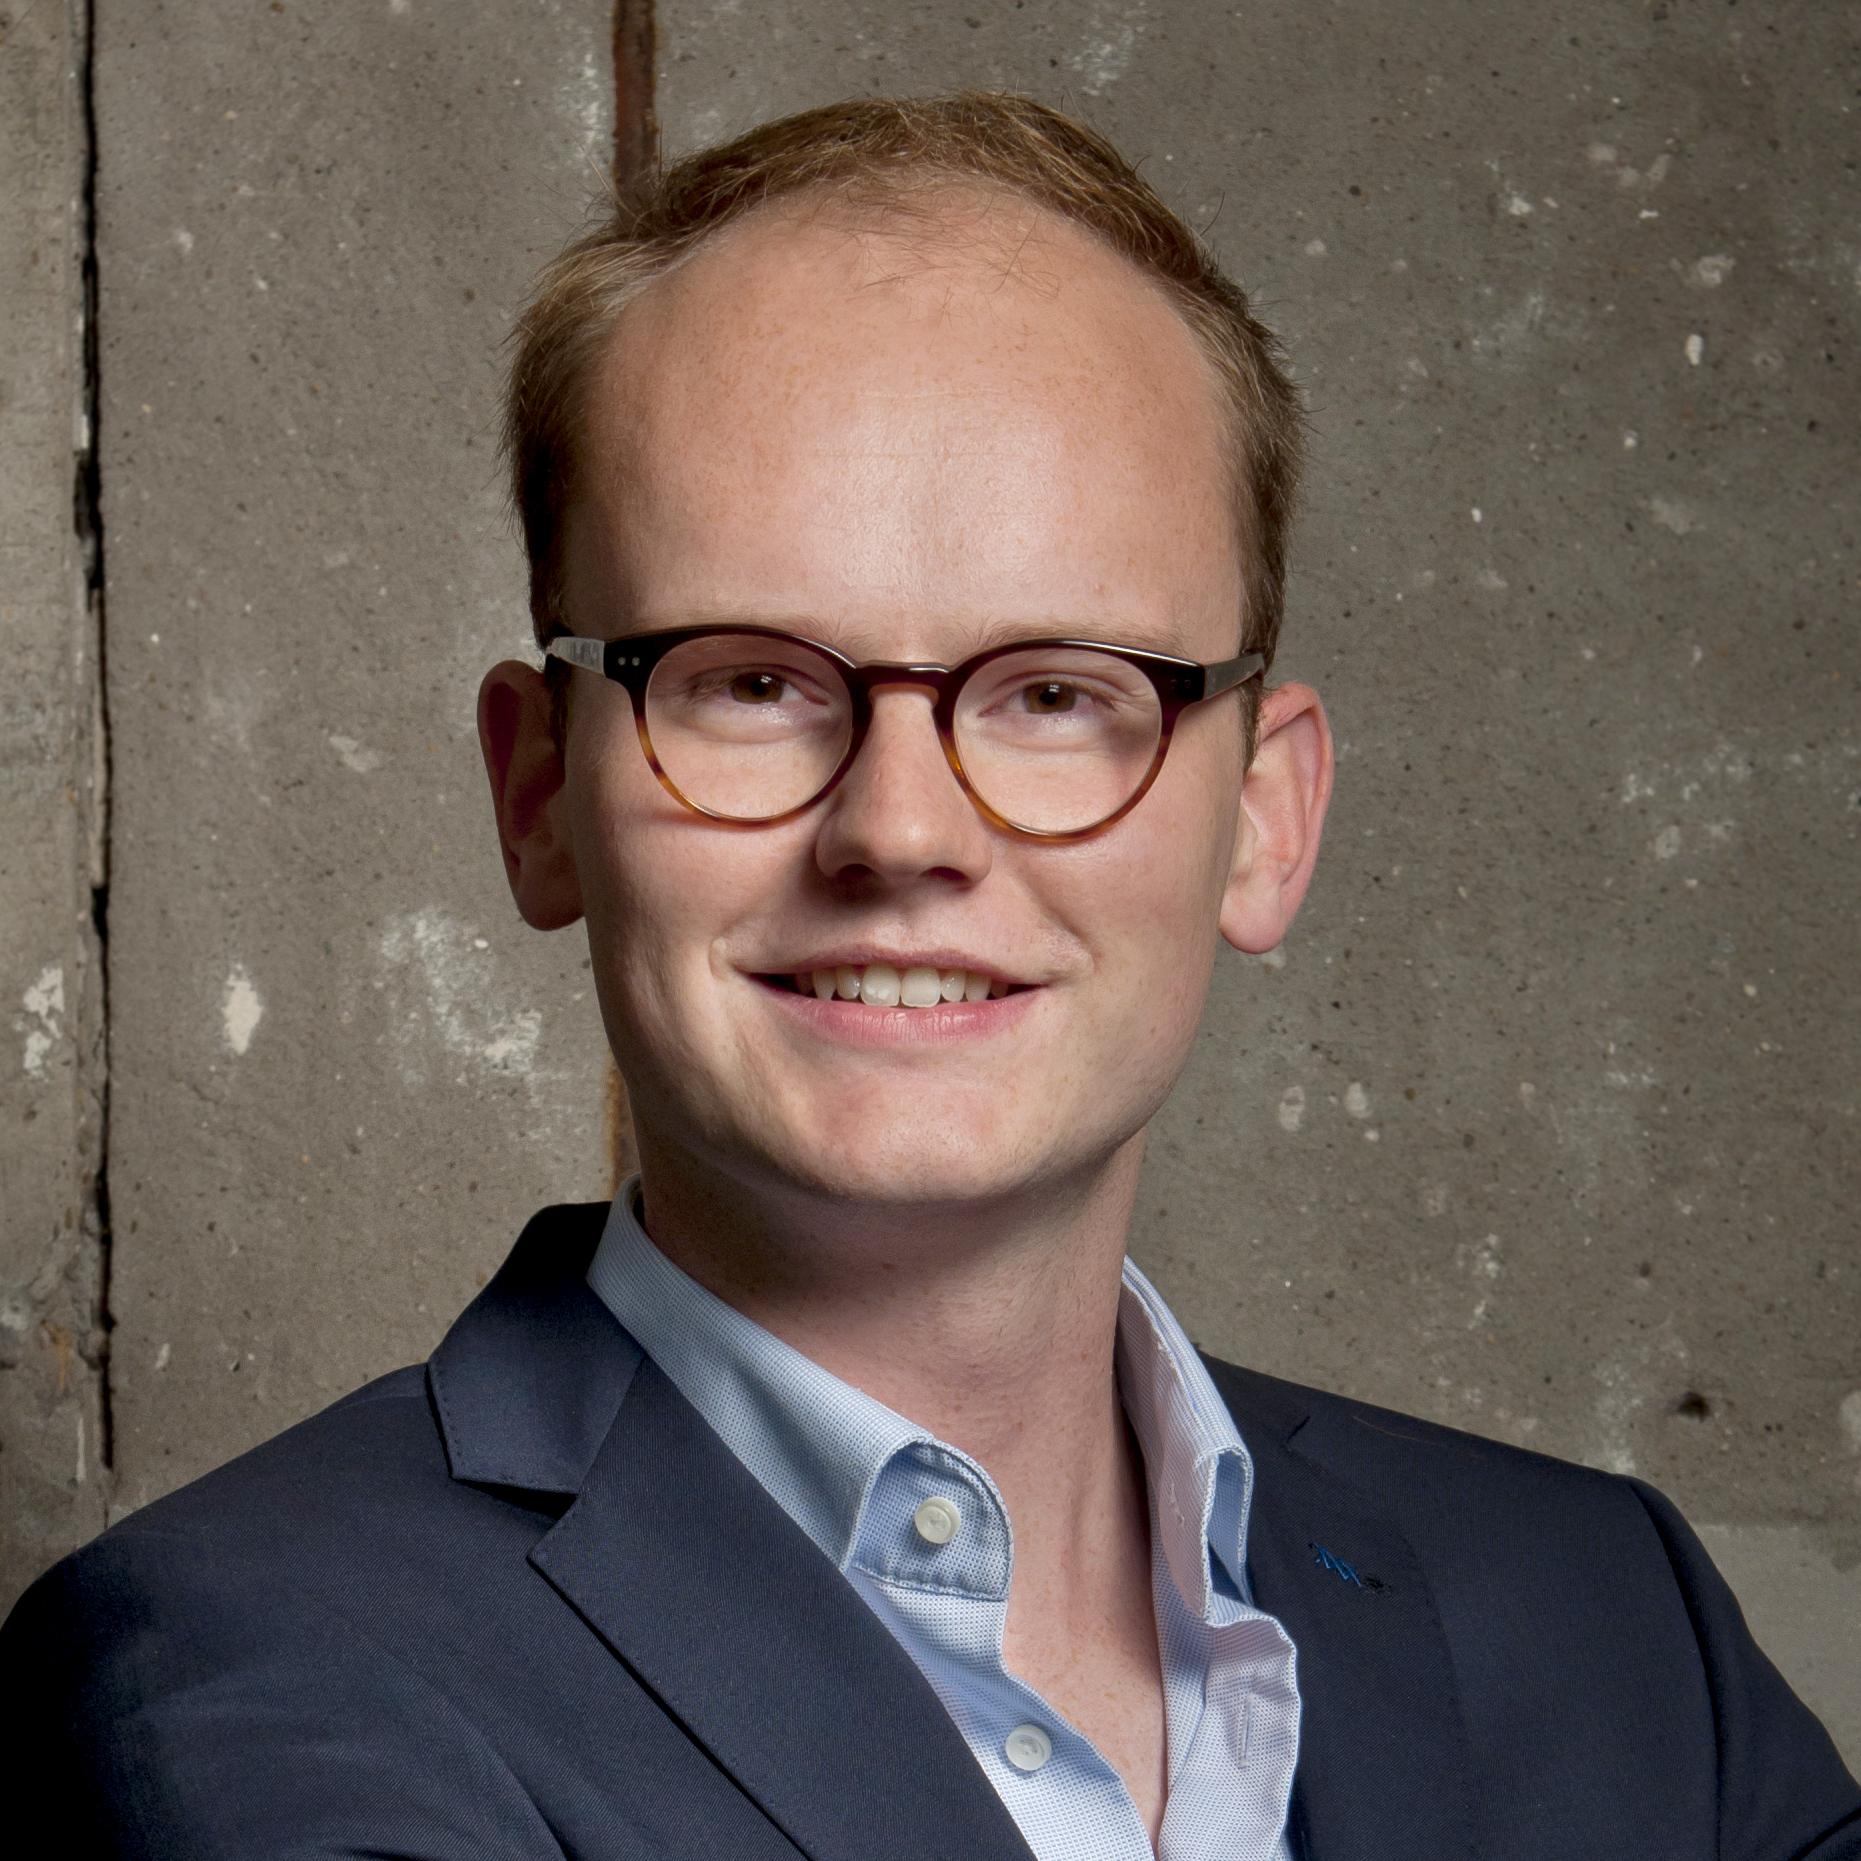 Vincent Bakker